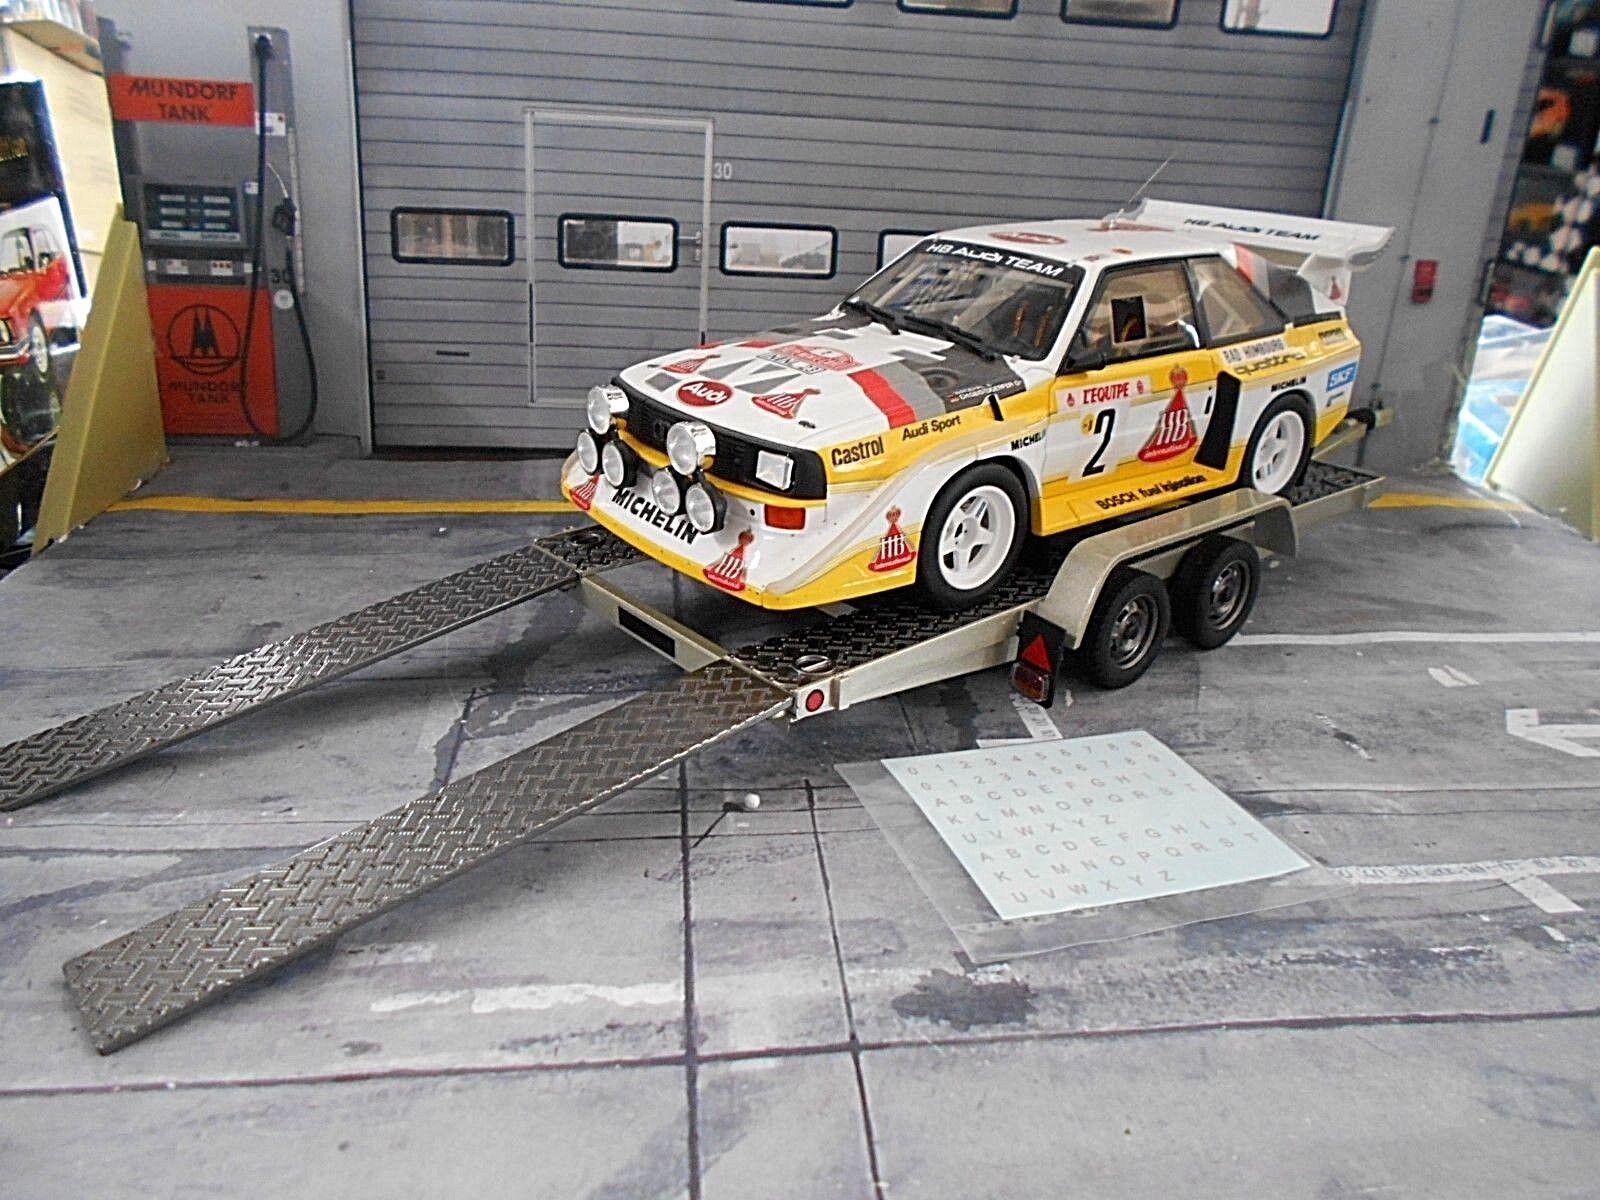 contador genuino Colgante tráiler coche remolque de transporte Coche Cocherier 1980 plata plata plata nuevo otto 1 18  nueva marca